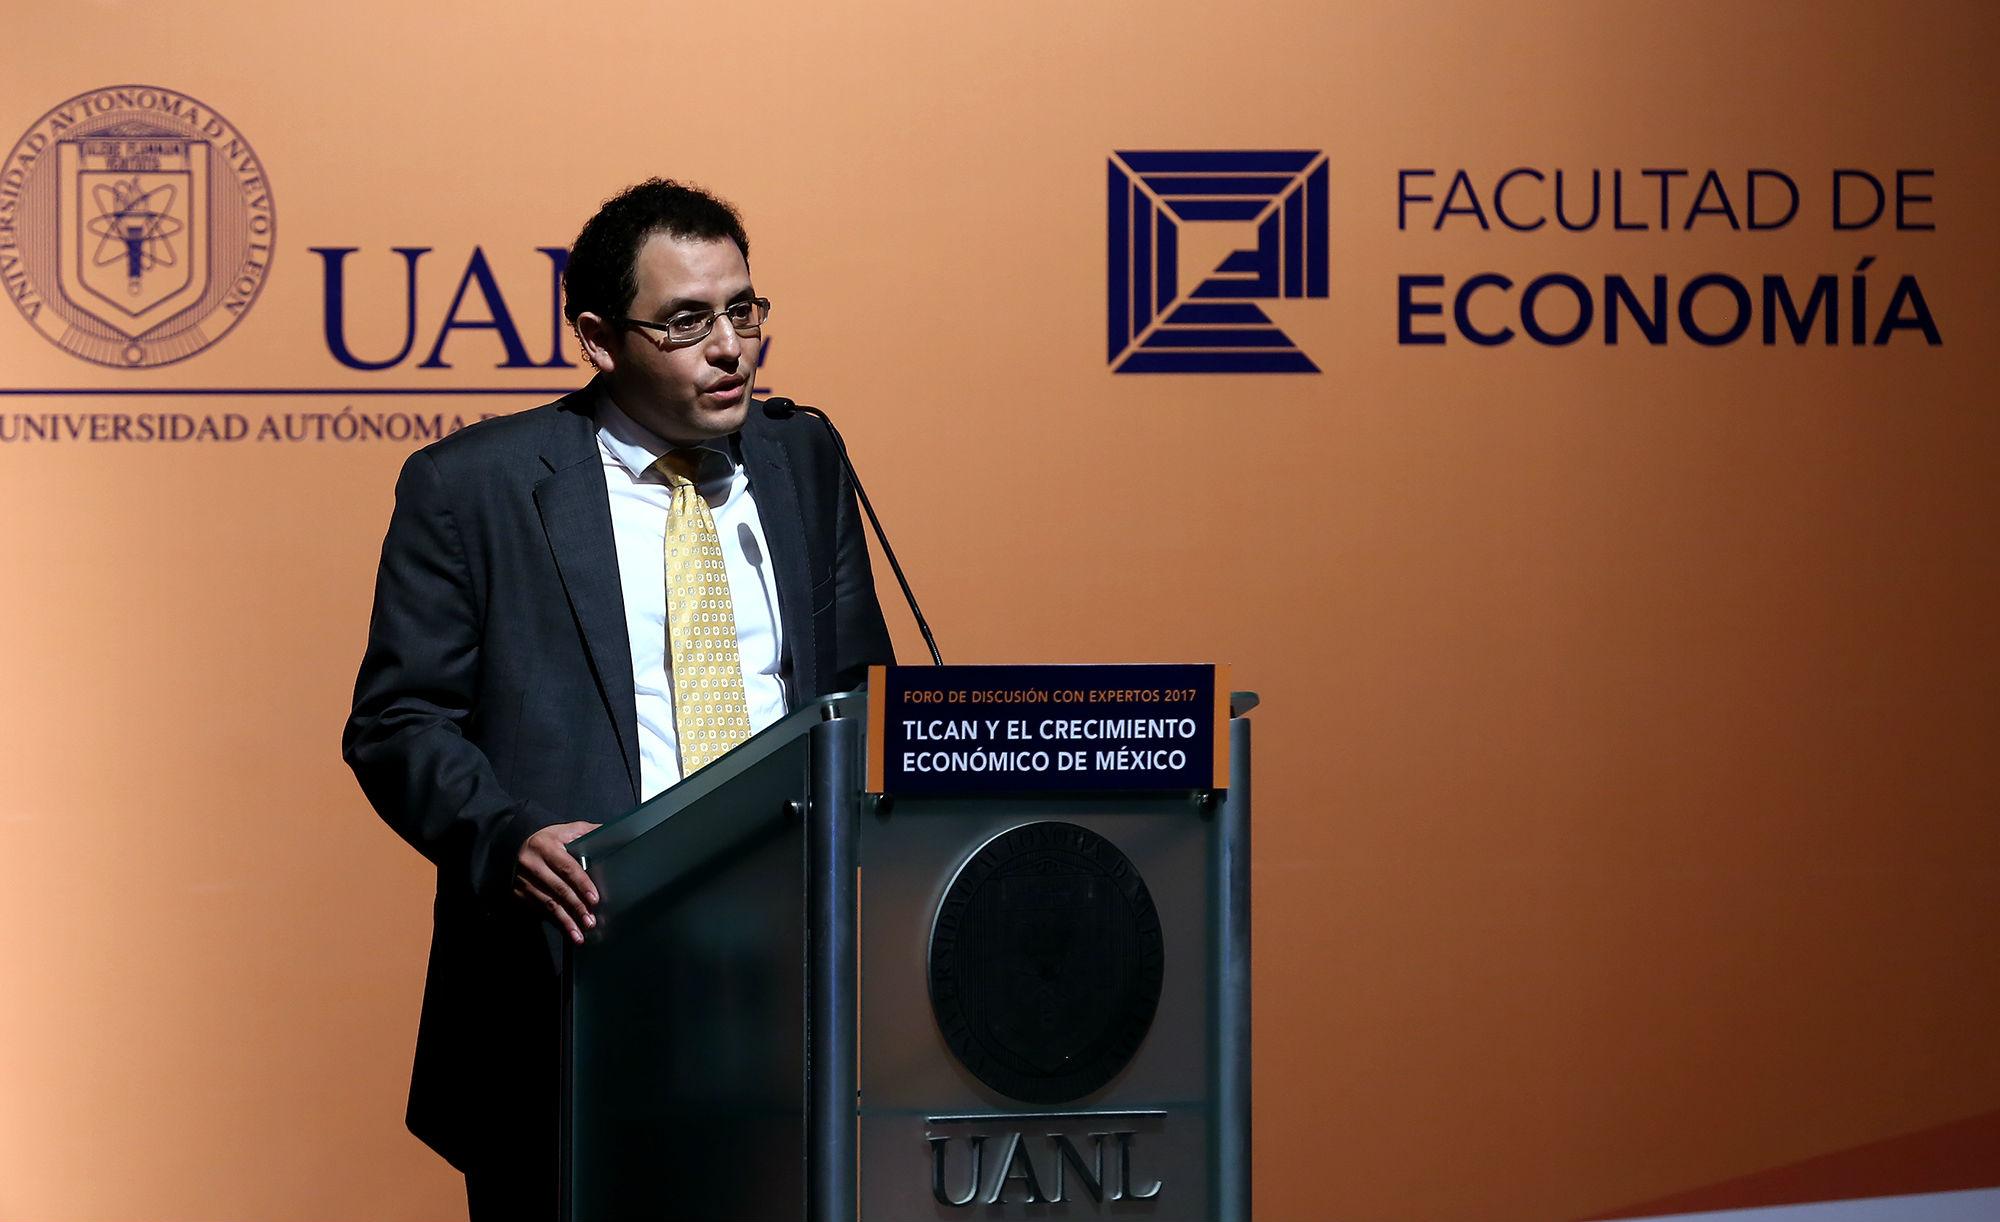 José Raymundo Galán Rodríguez, Director de la Facultad de Economía